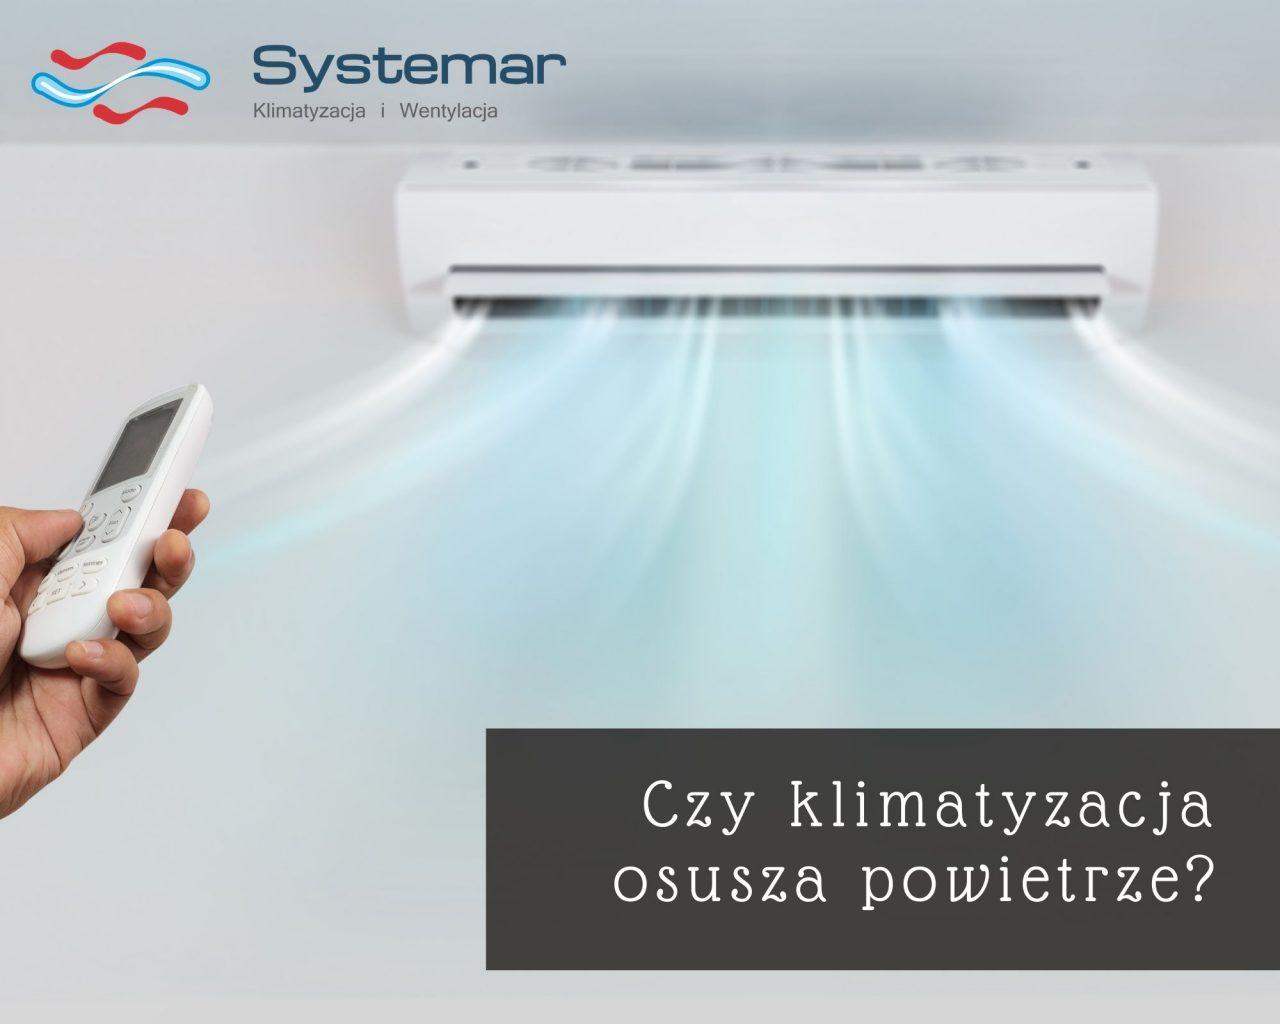 https://systemar.pl/wp-content/uploads/2020/11/czy-klimatyzacja-osusza-powietrze-1280x1024.jpg